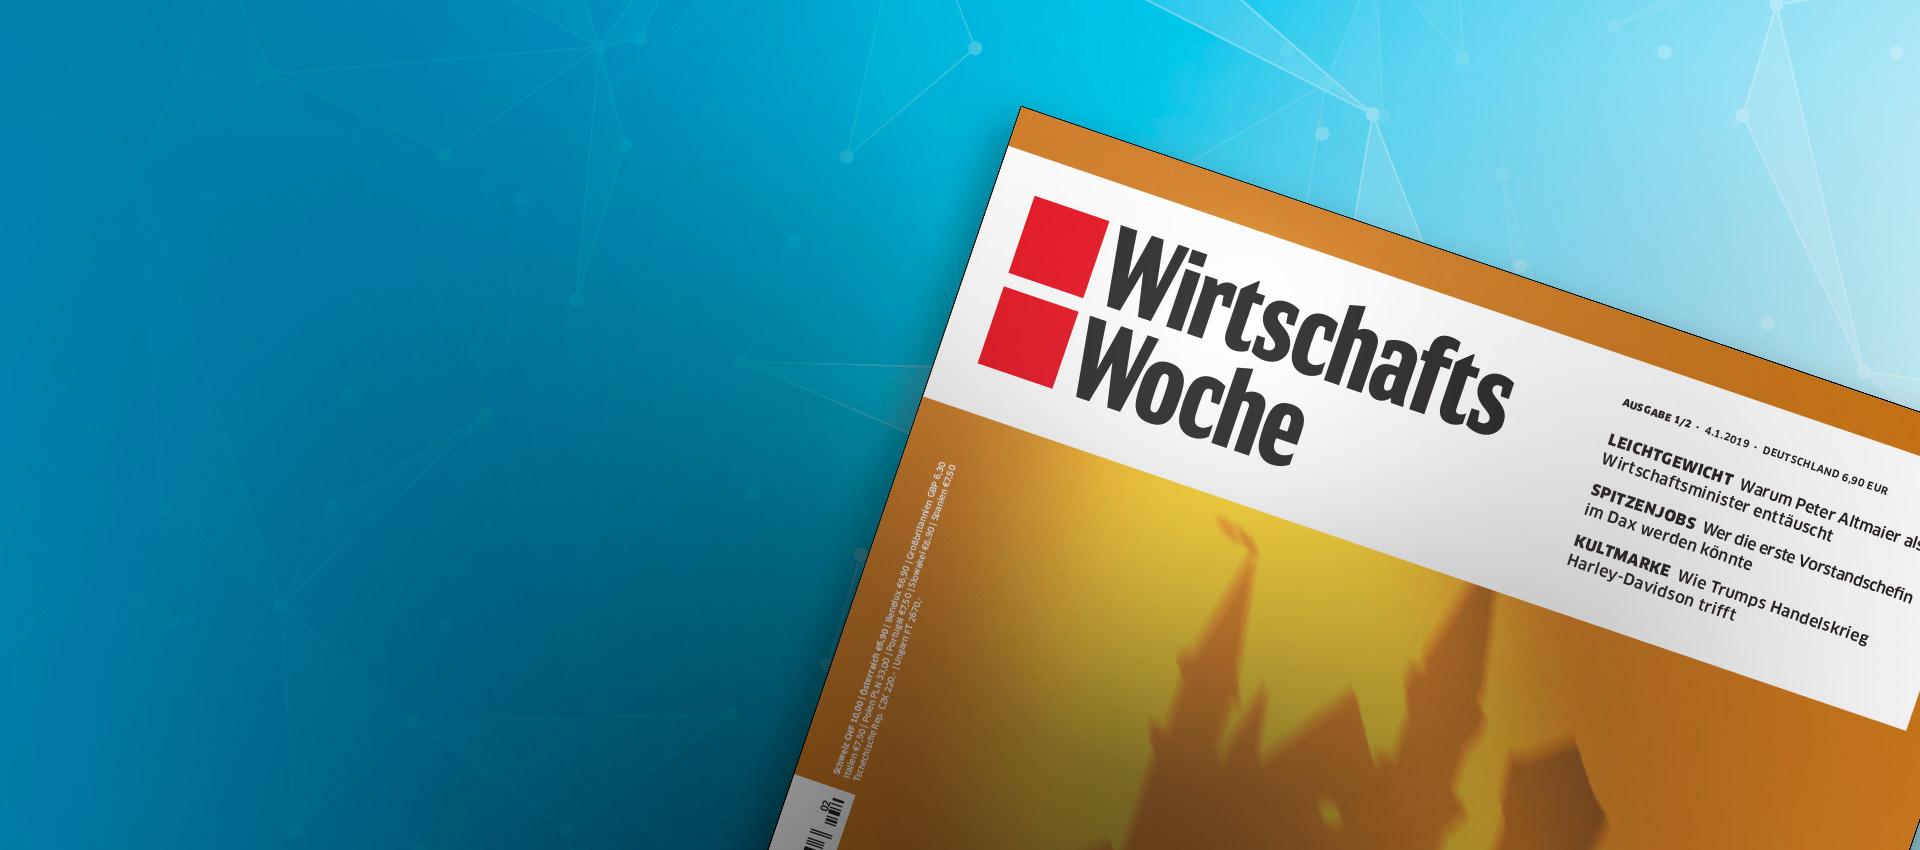 WirtschaftsWoche interviews Tom Siebel